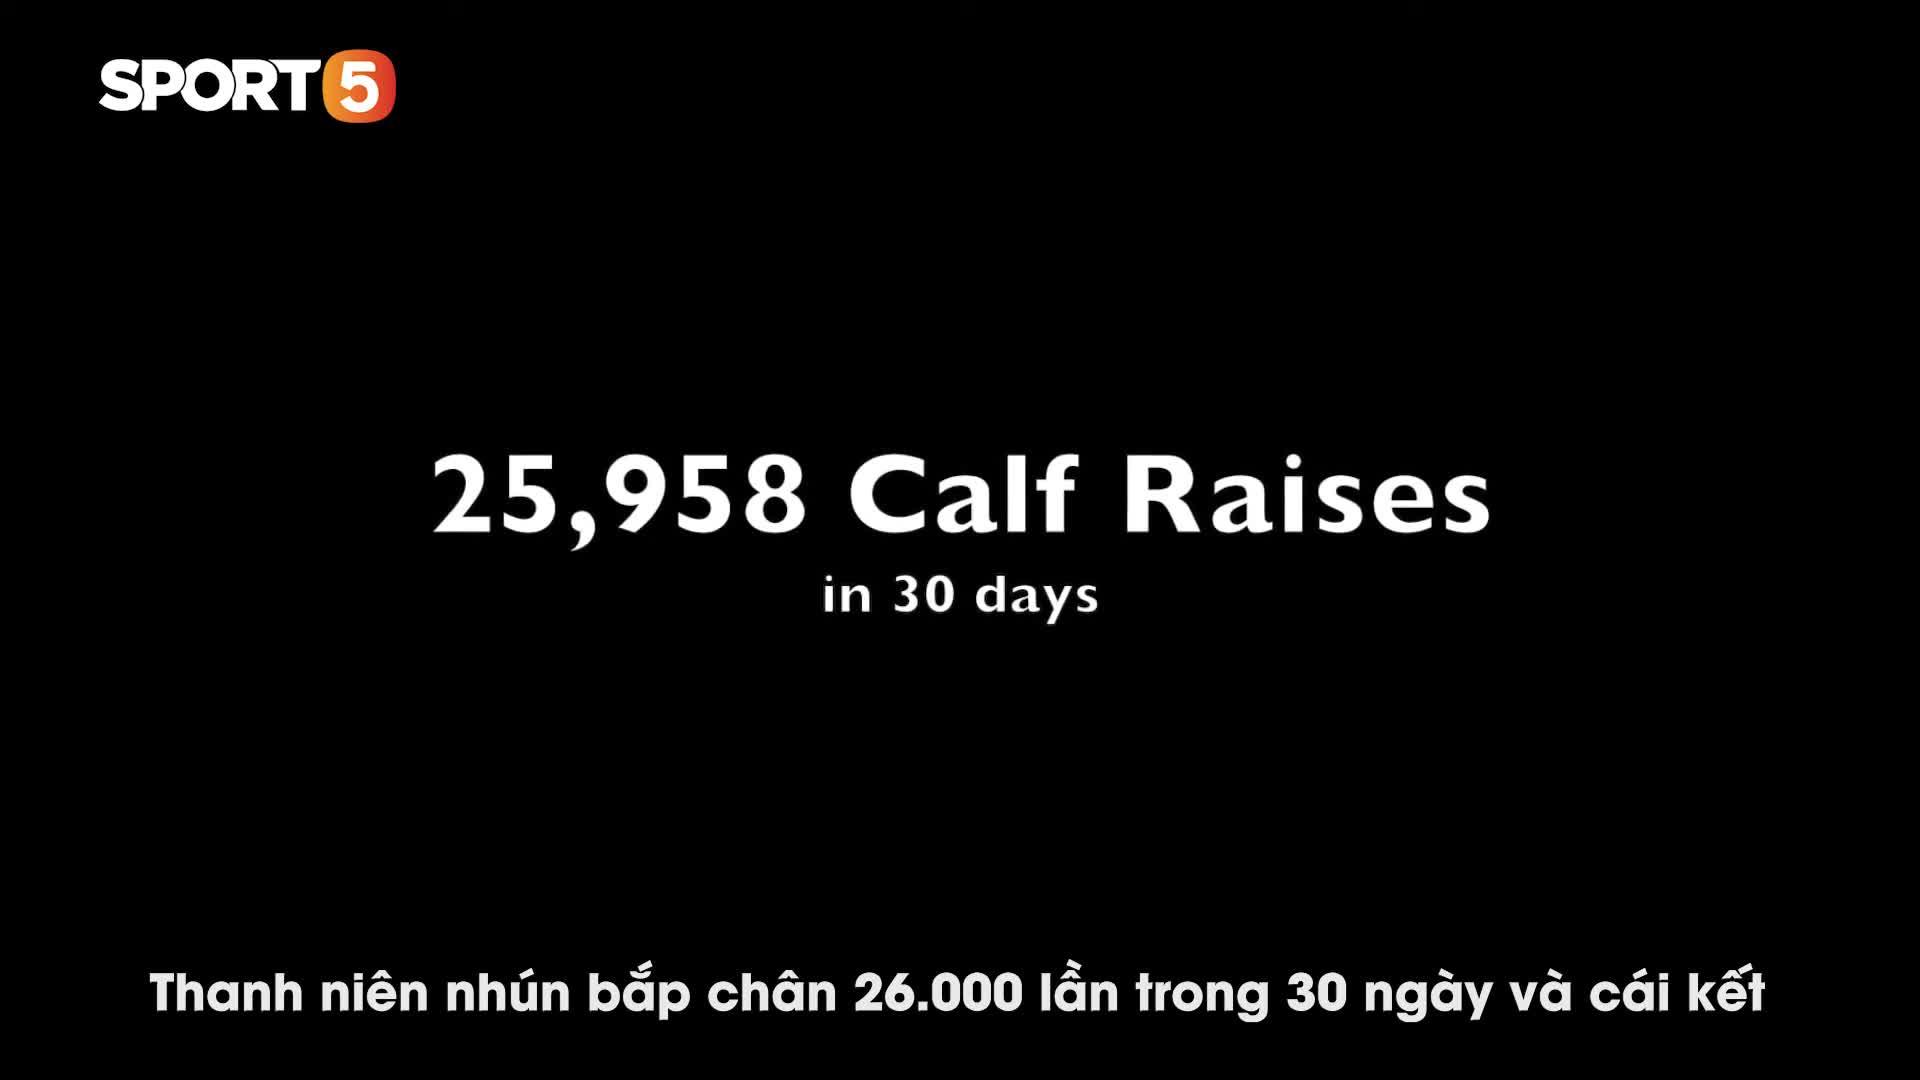 Thanh niên vừa chăm vợ đẻ, vừa nhún bắp chân 26.000 lần trong 1 tháng và cái kết